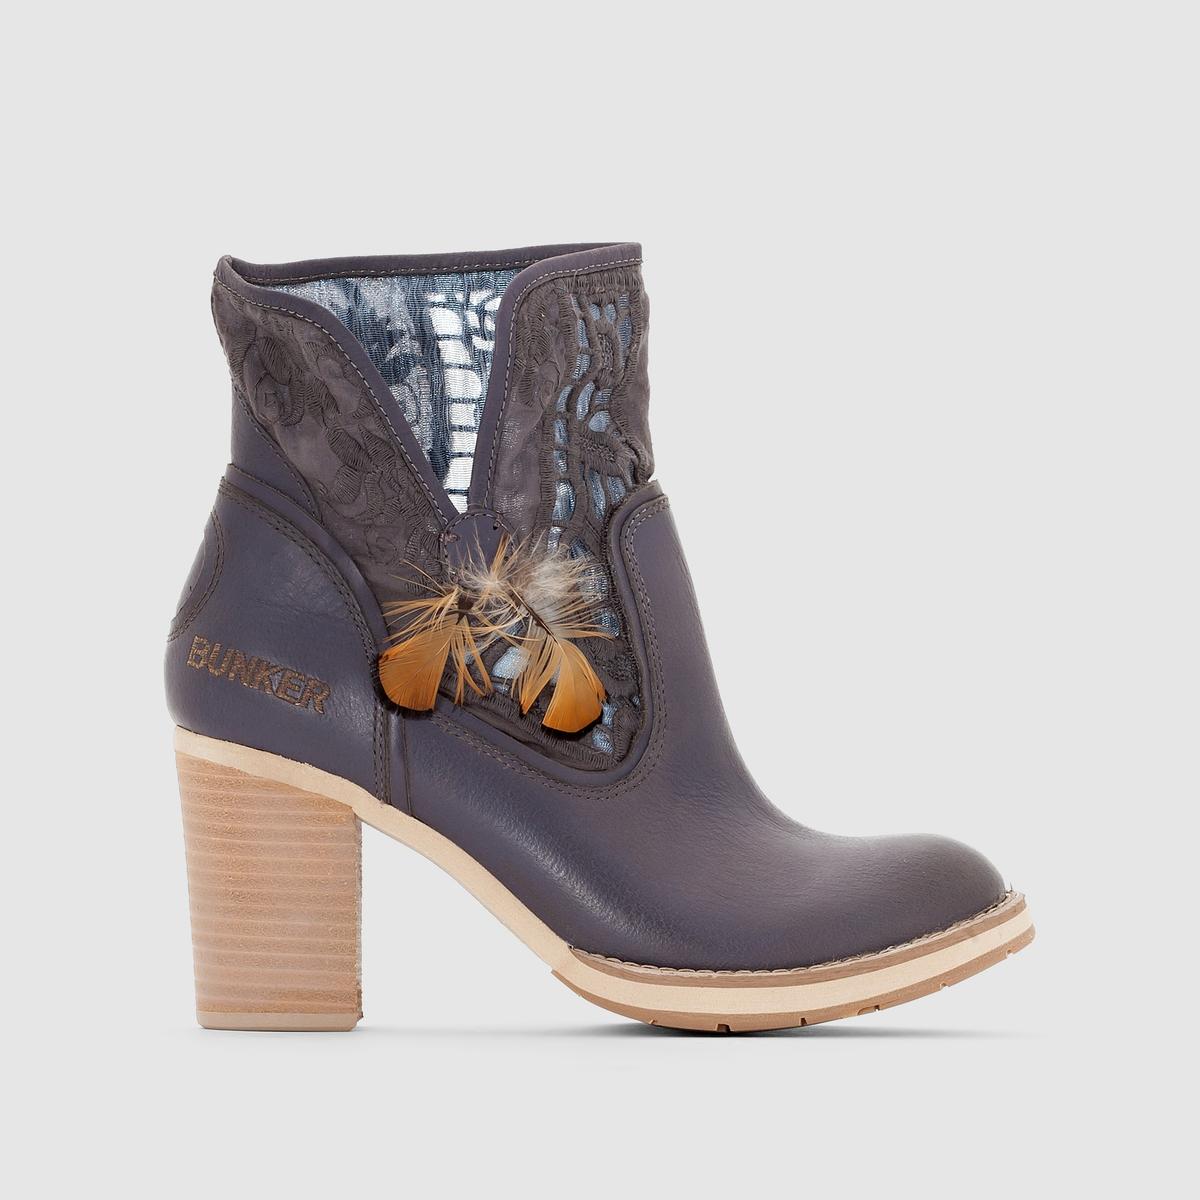 Сапоги GRACE от BUNKERBunker не перестает удивлять оригинальной женственной обувью! Эти сапоги - великолепное сочетание комфорта и изысканности!<br><br>Цвет: синий<br>Размер: 40